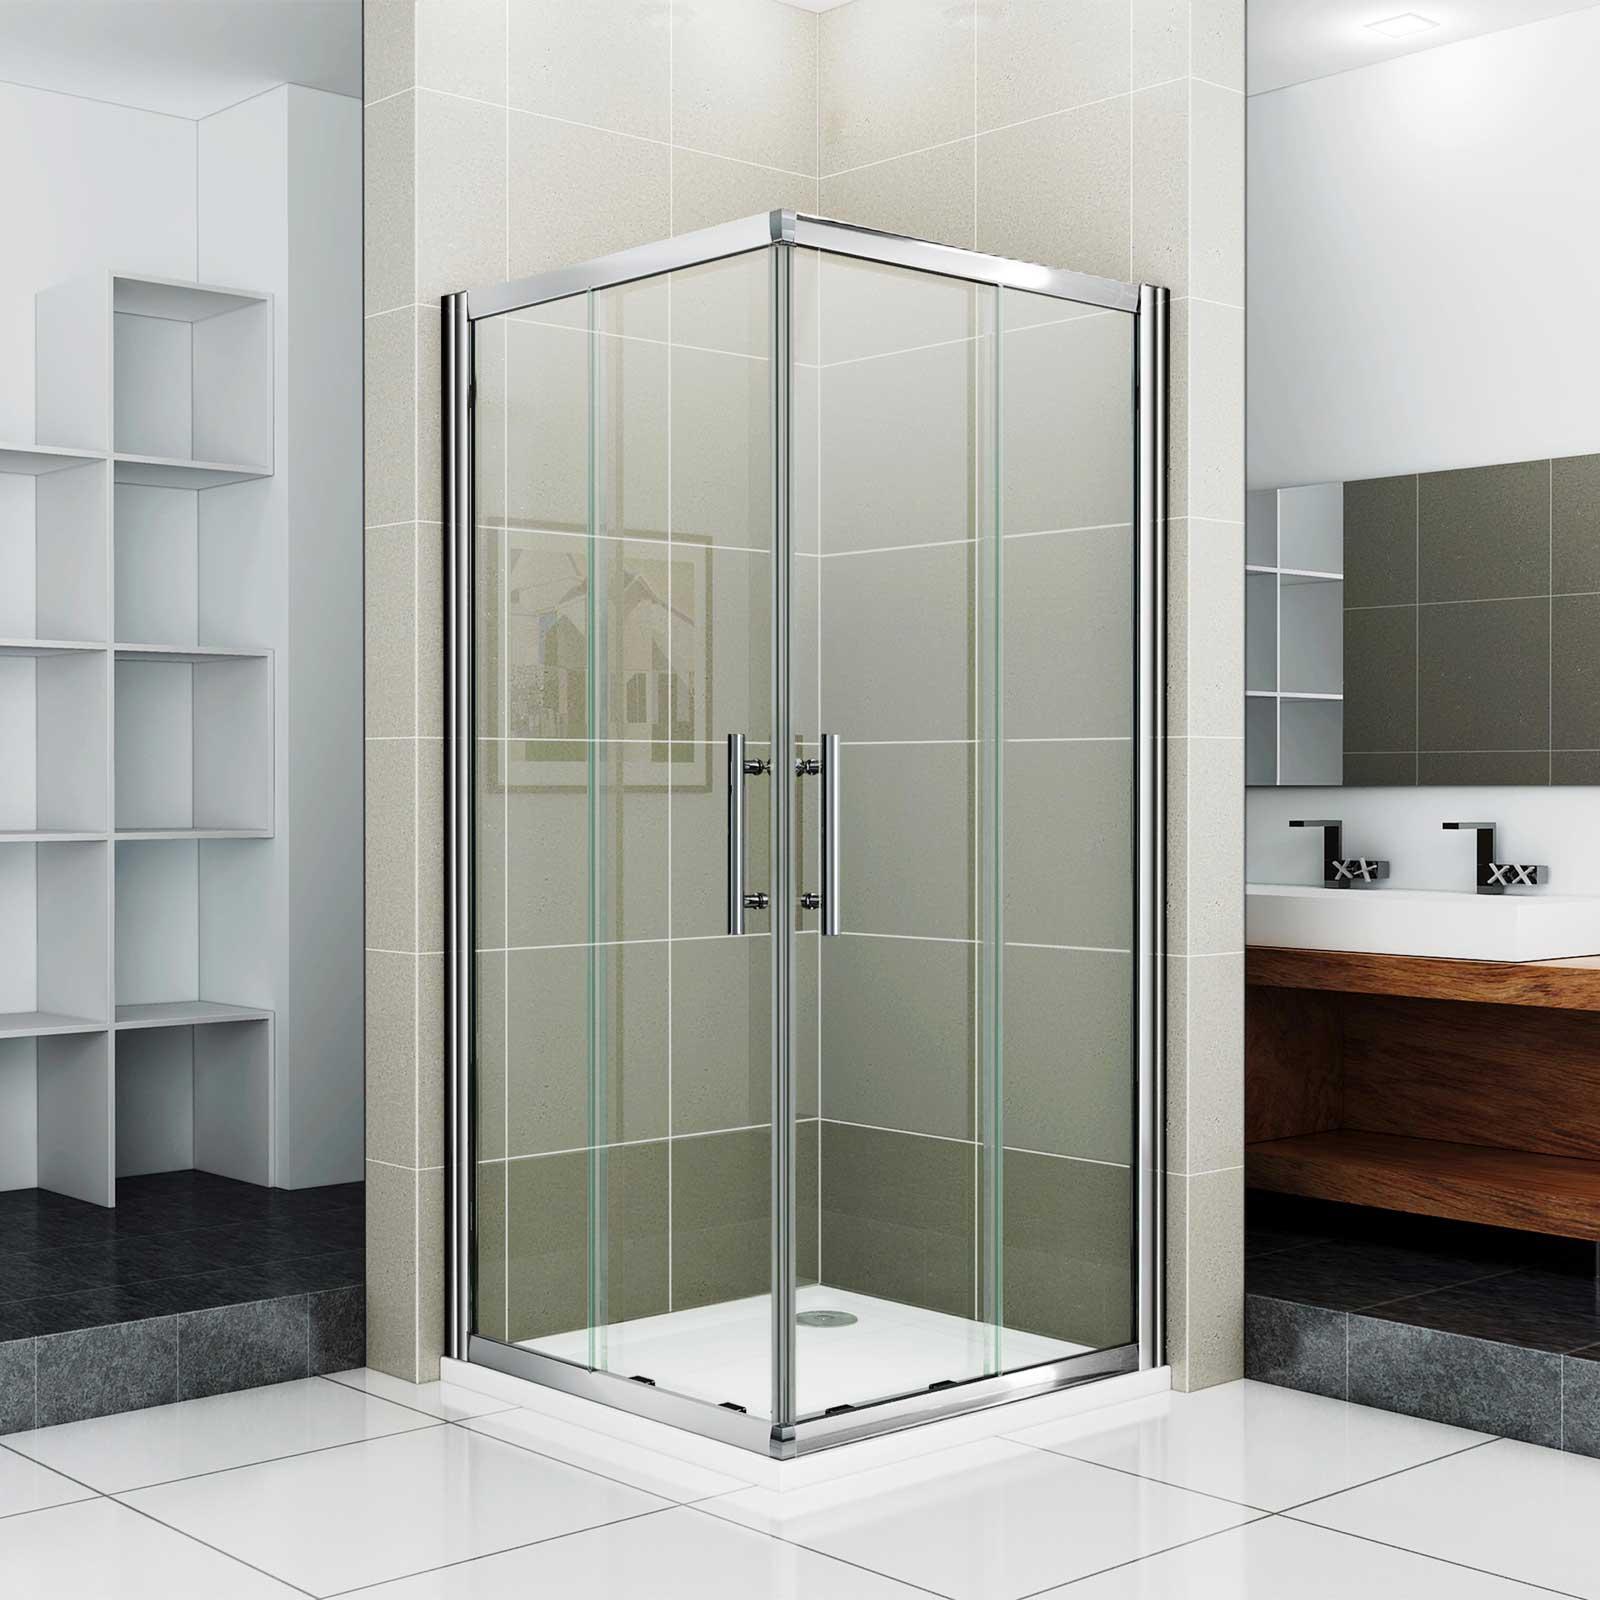 HSR02 90020 Corner Shower Enclosure Entry High Sliding Door Cubicle View Sli